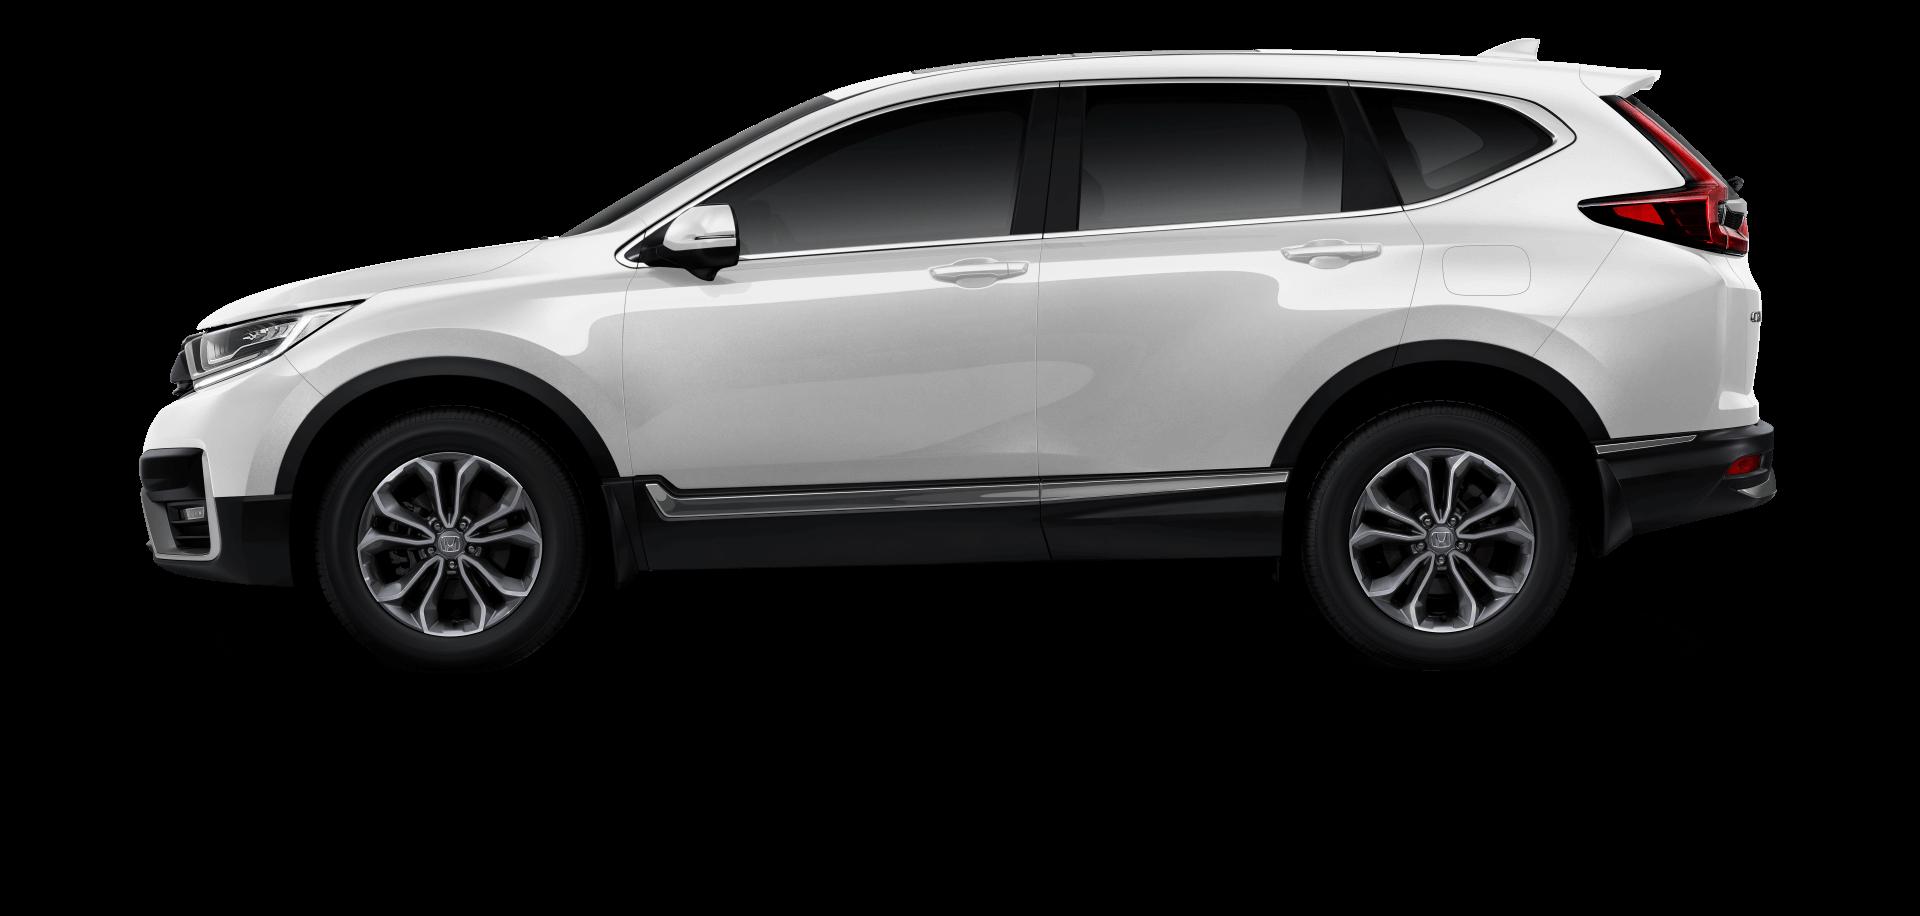 ขาวแพลทินัม (มุก)-Platinum White Pearl (NH-883P)